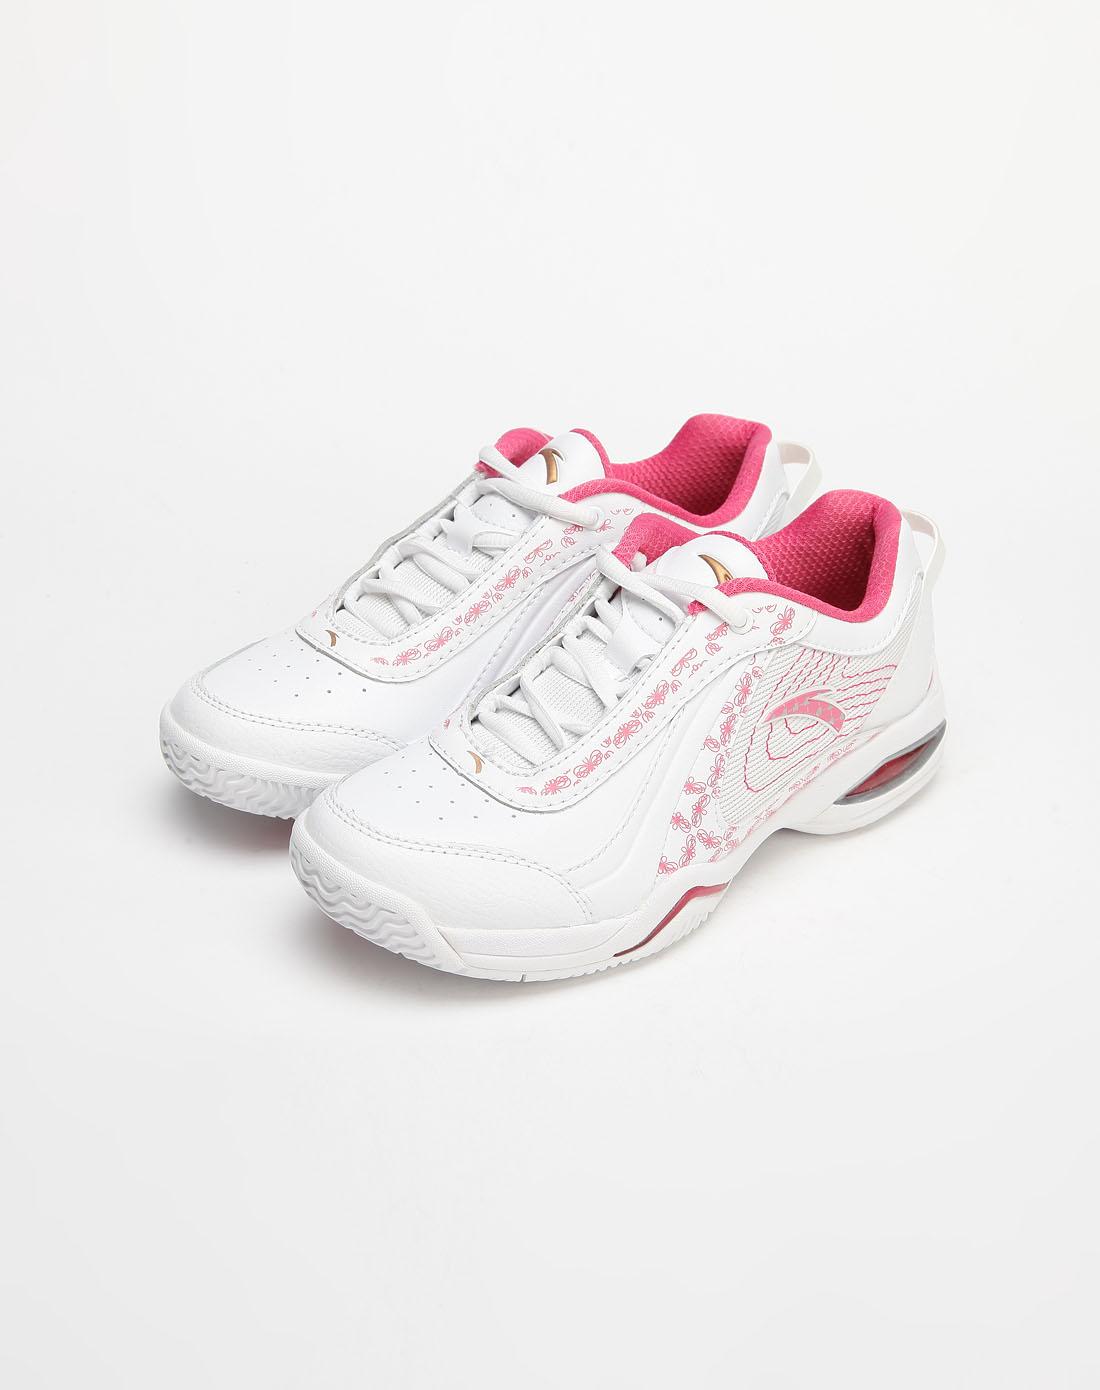 安踏anta-女款白/粉红色印花网球鞋2033303-4_唯品会